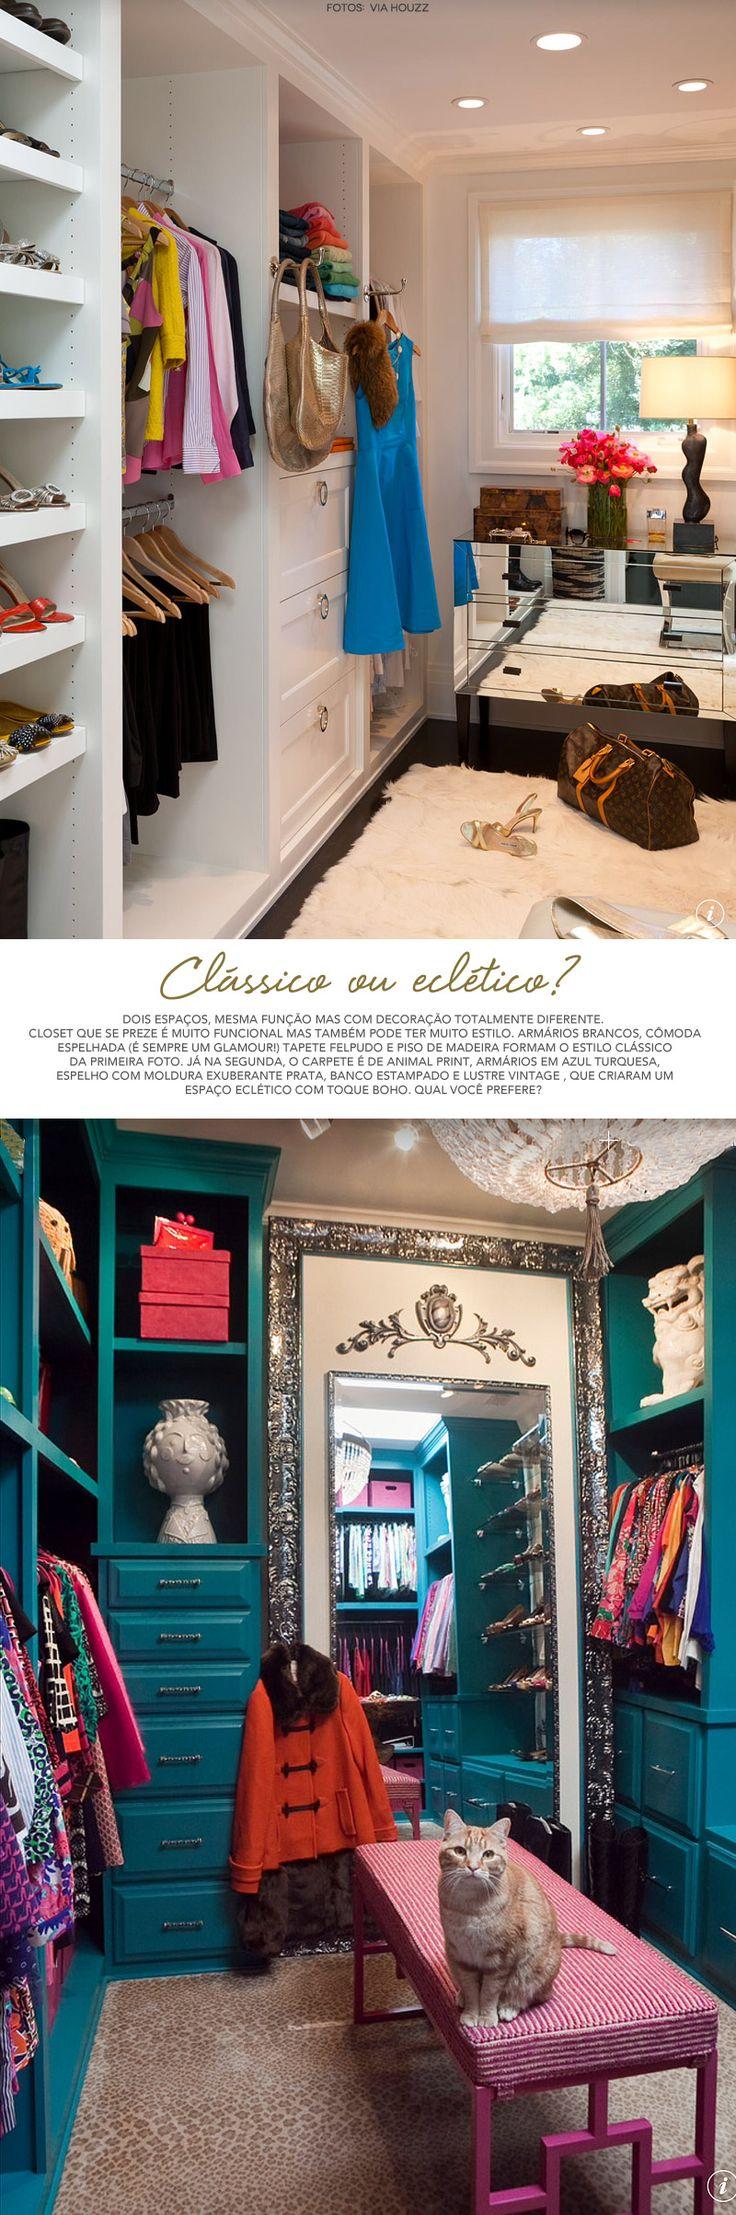 Espelho (moldura separada?), cortina, tapete de oncinha @ Fashion Gazette